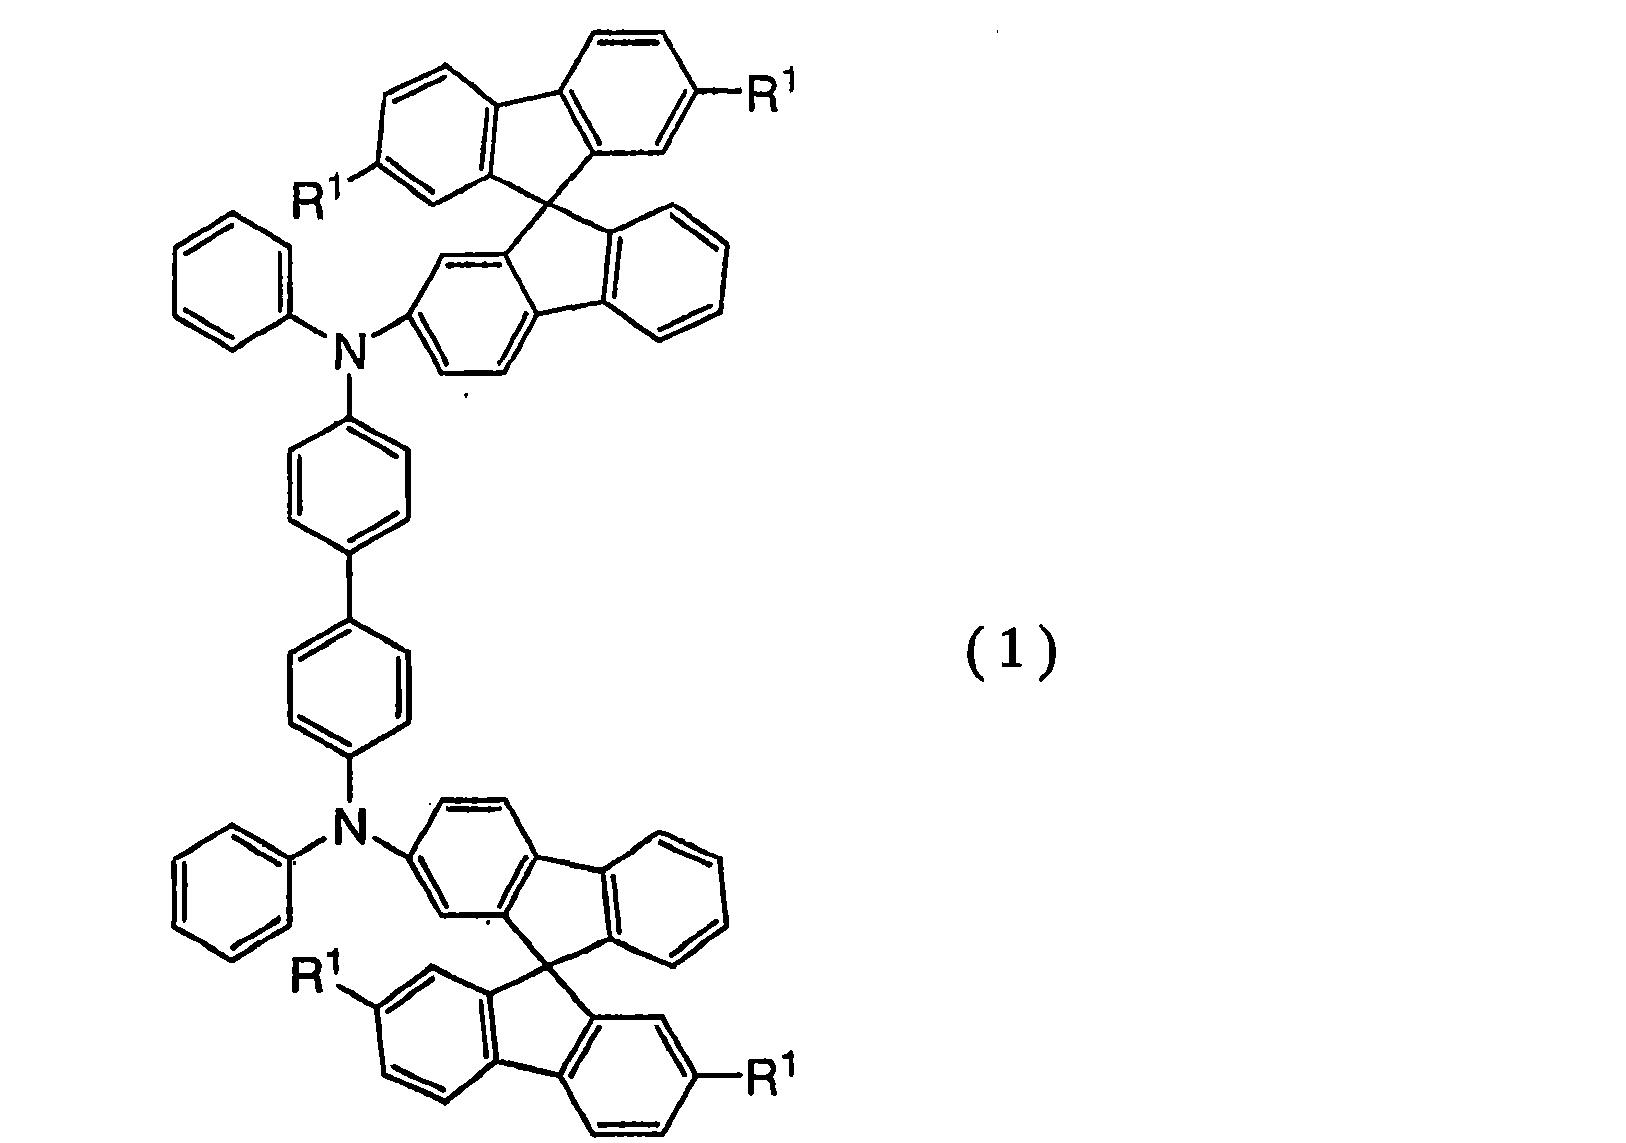 画出钠的原子结构示意图